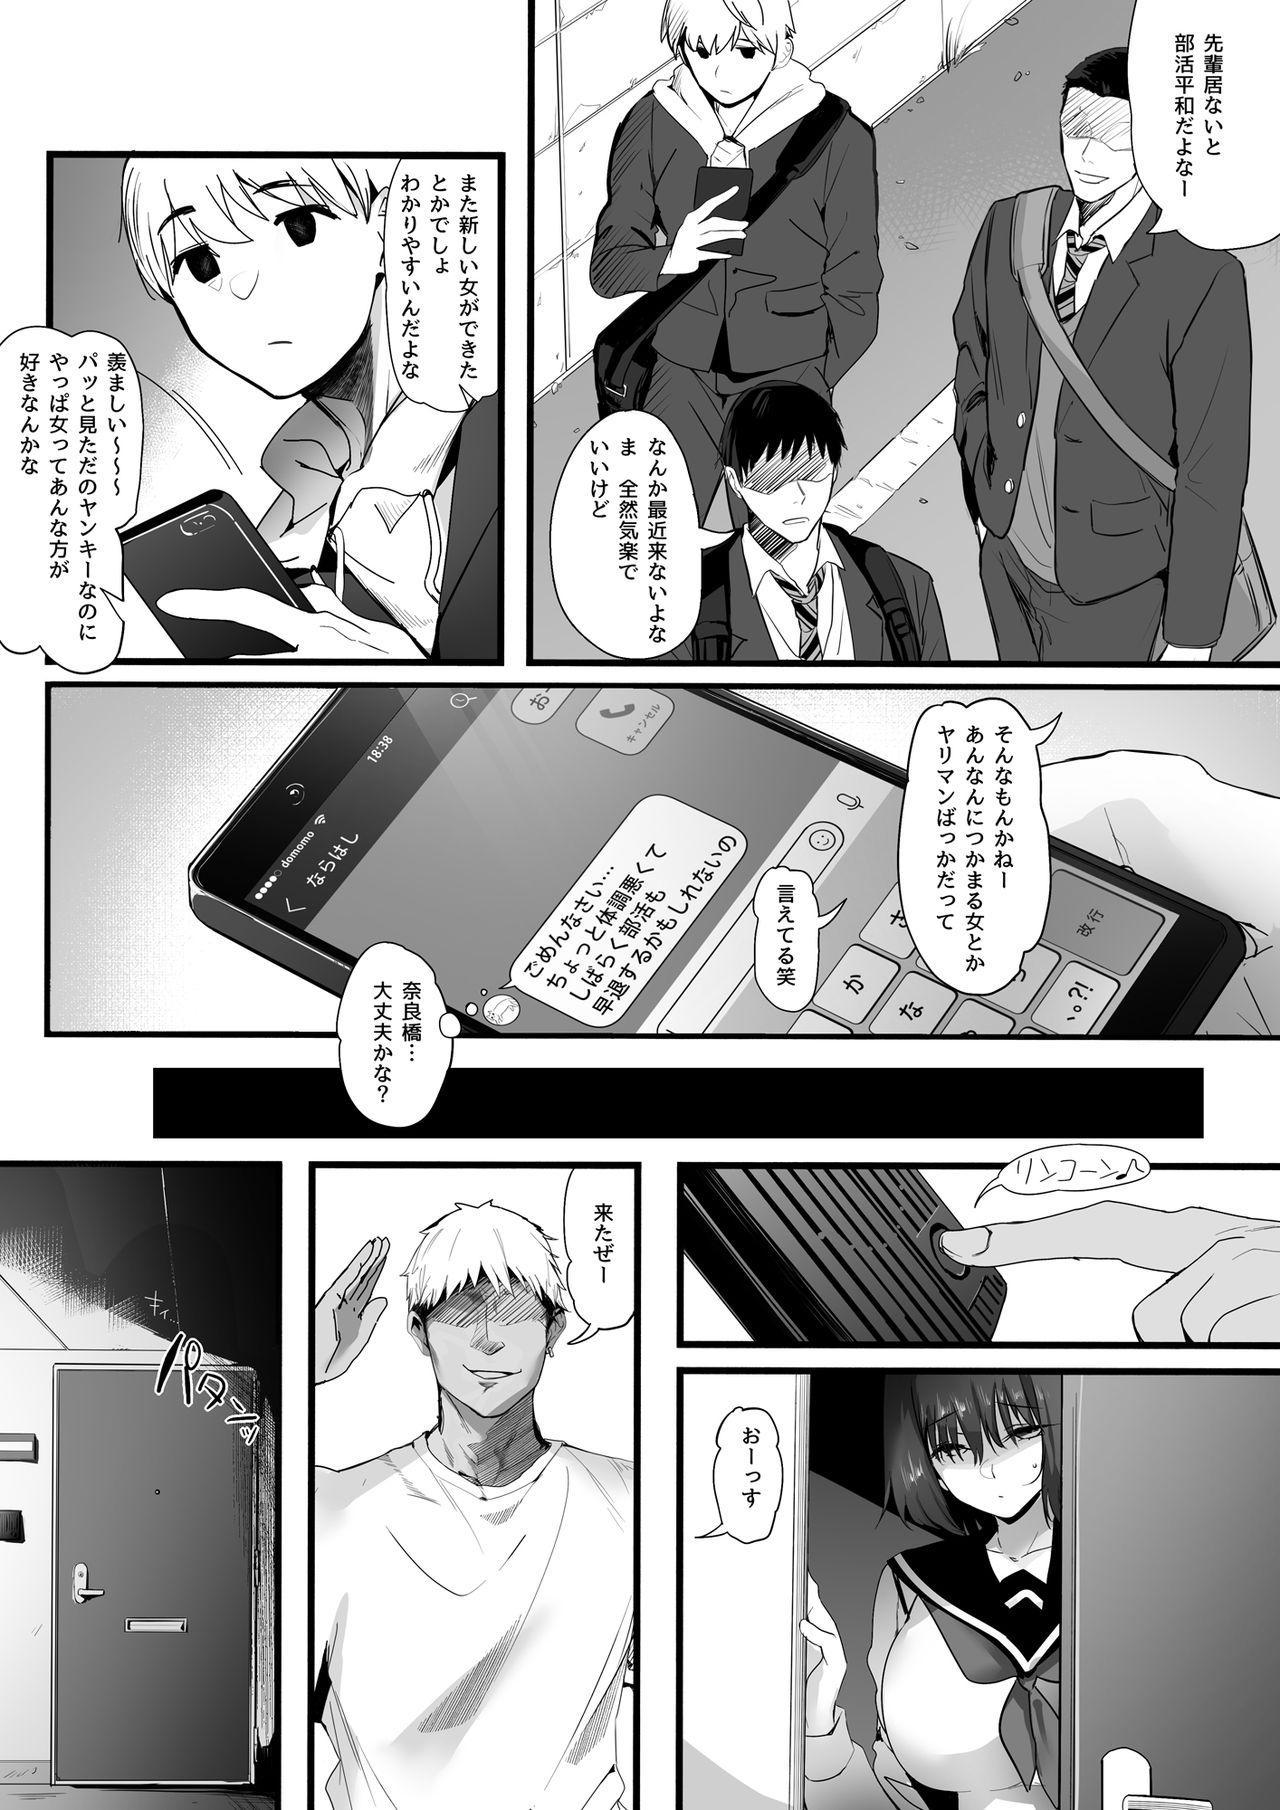 Koushinchou Volley-bu no Seisokei Kanojo ga Senpai no Mono ni Natte Shimau Ichibushijuu 21